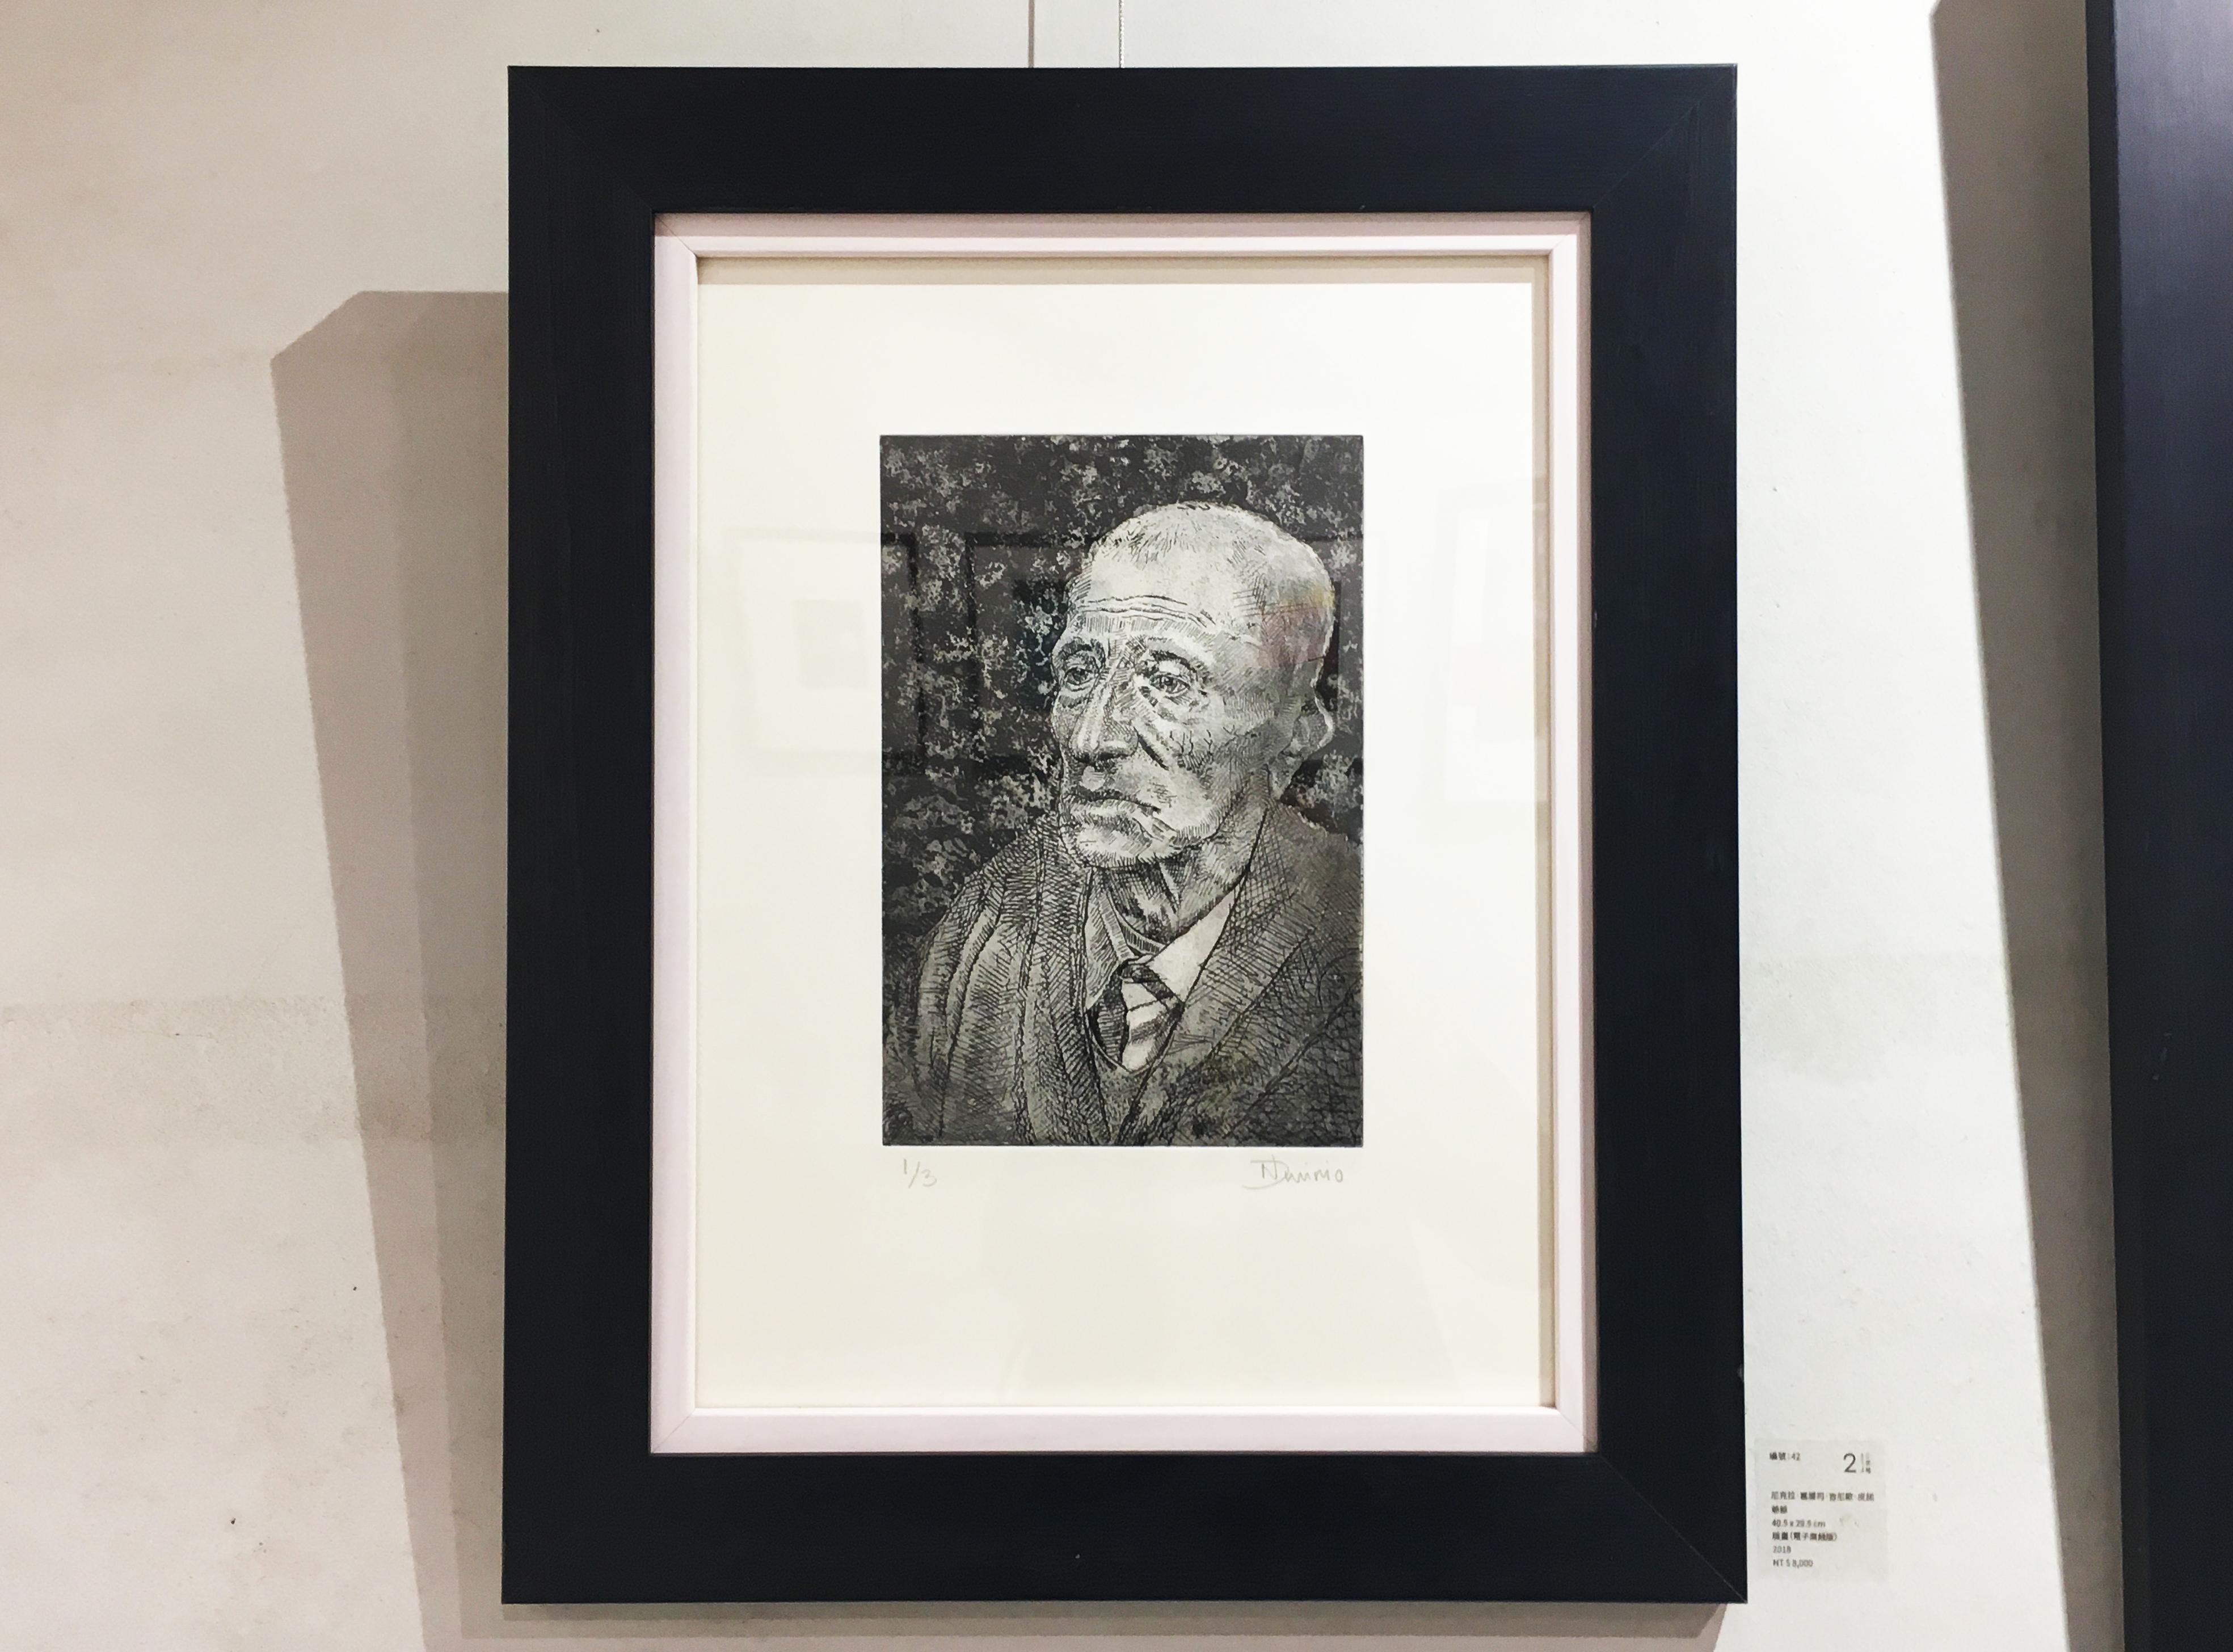 西班牙藝術家尼克拉.塞屋司.吉尼歐.皮諾於二空間展出其版畫作品。